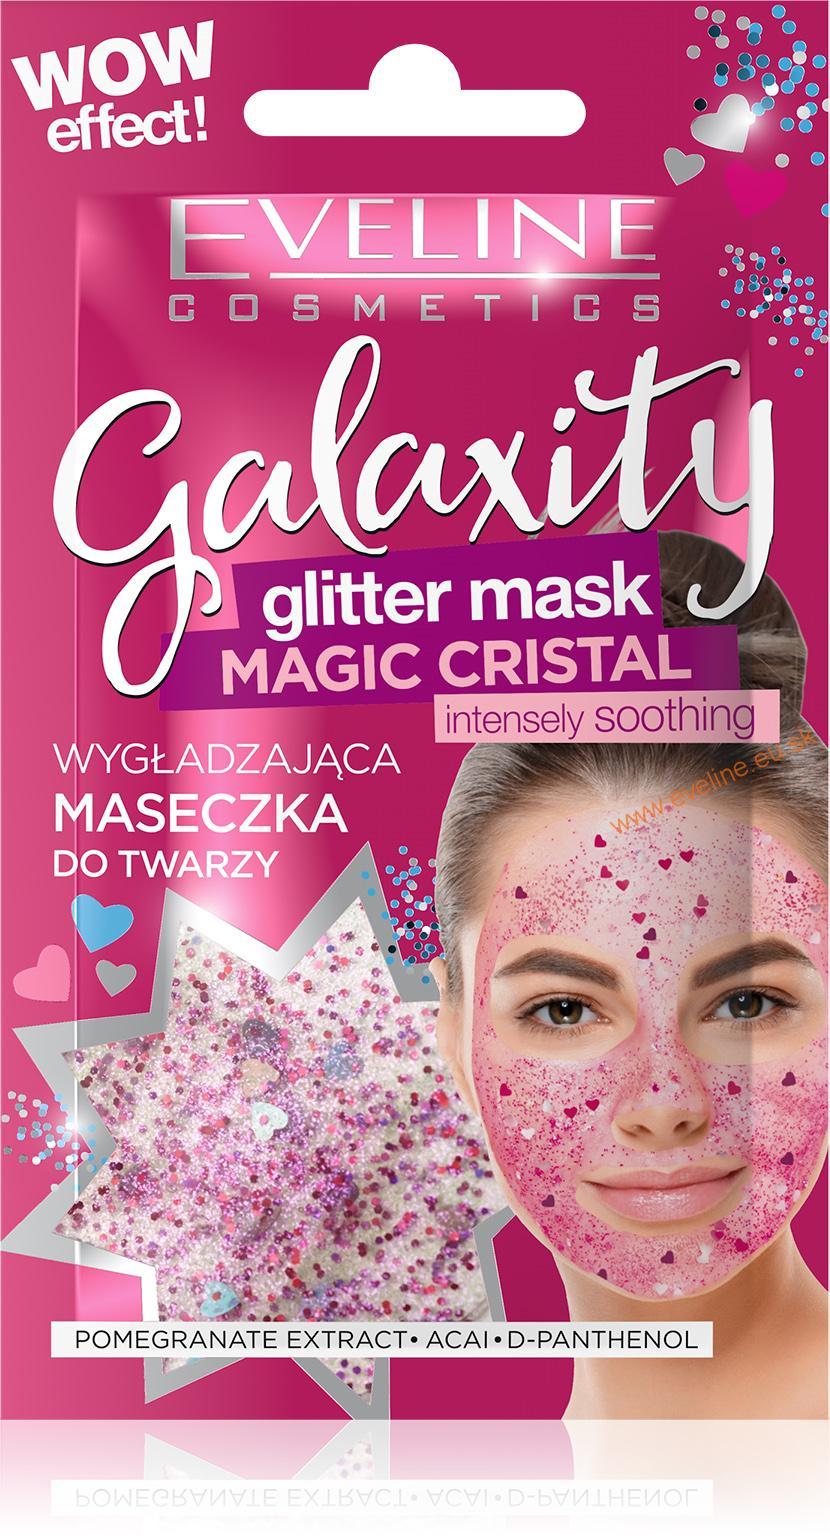 Eveline Cosmetics EVELINE Galaxity glitrová maska MAGIC CRYSTAL intenzívne vyhladzujúca glitrová maska 1ks